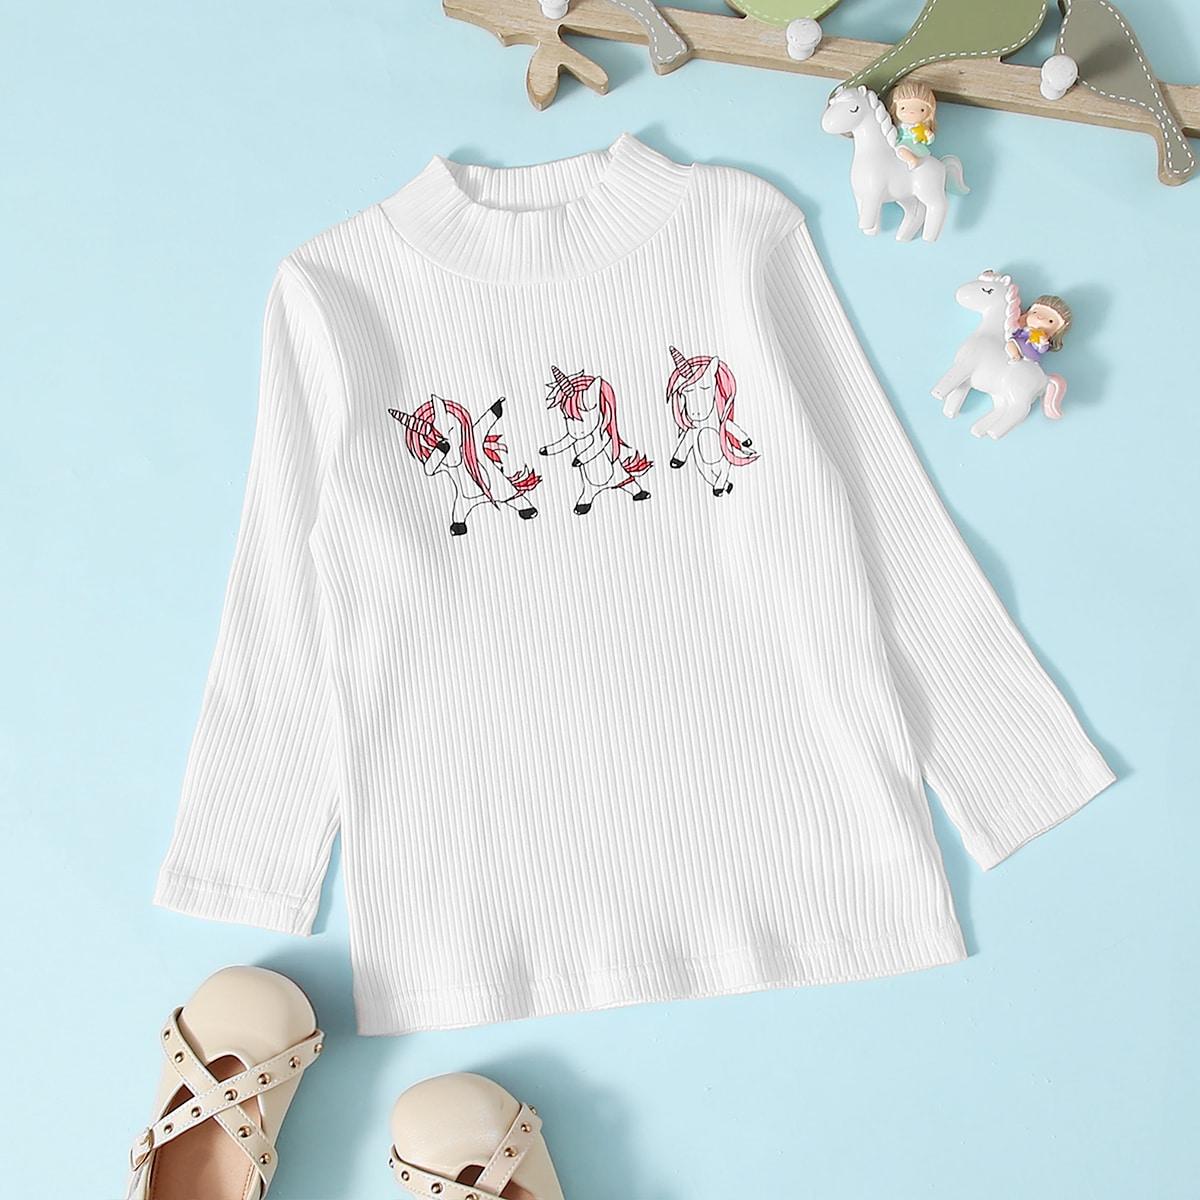 Шнуровка с карикатурой повседневный футболки для маленьких девочек